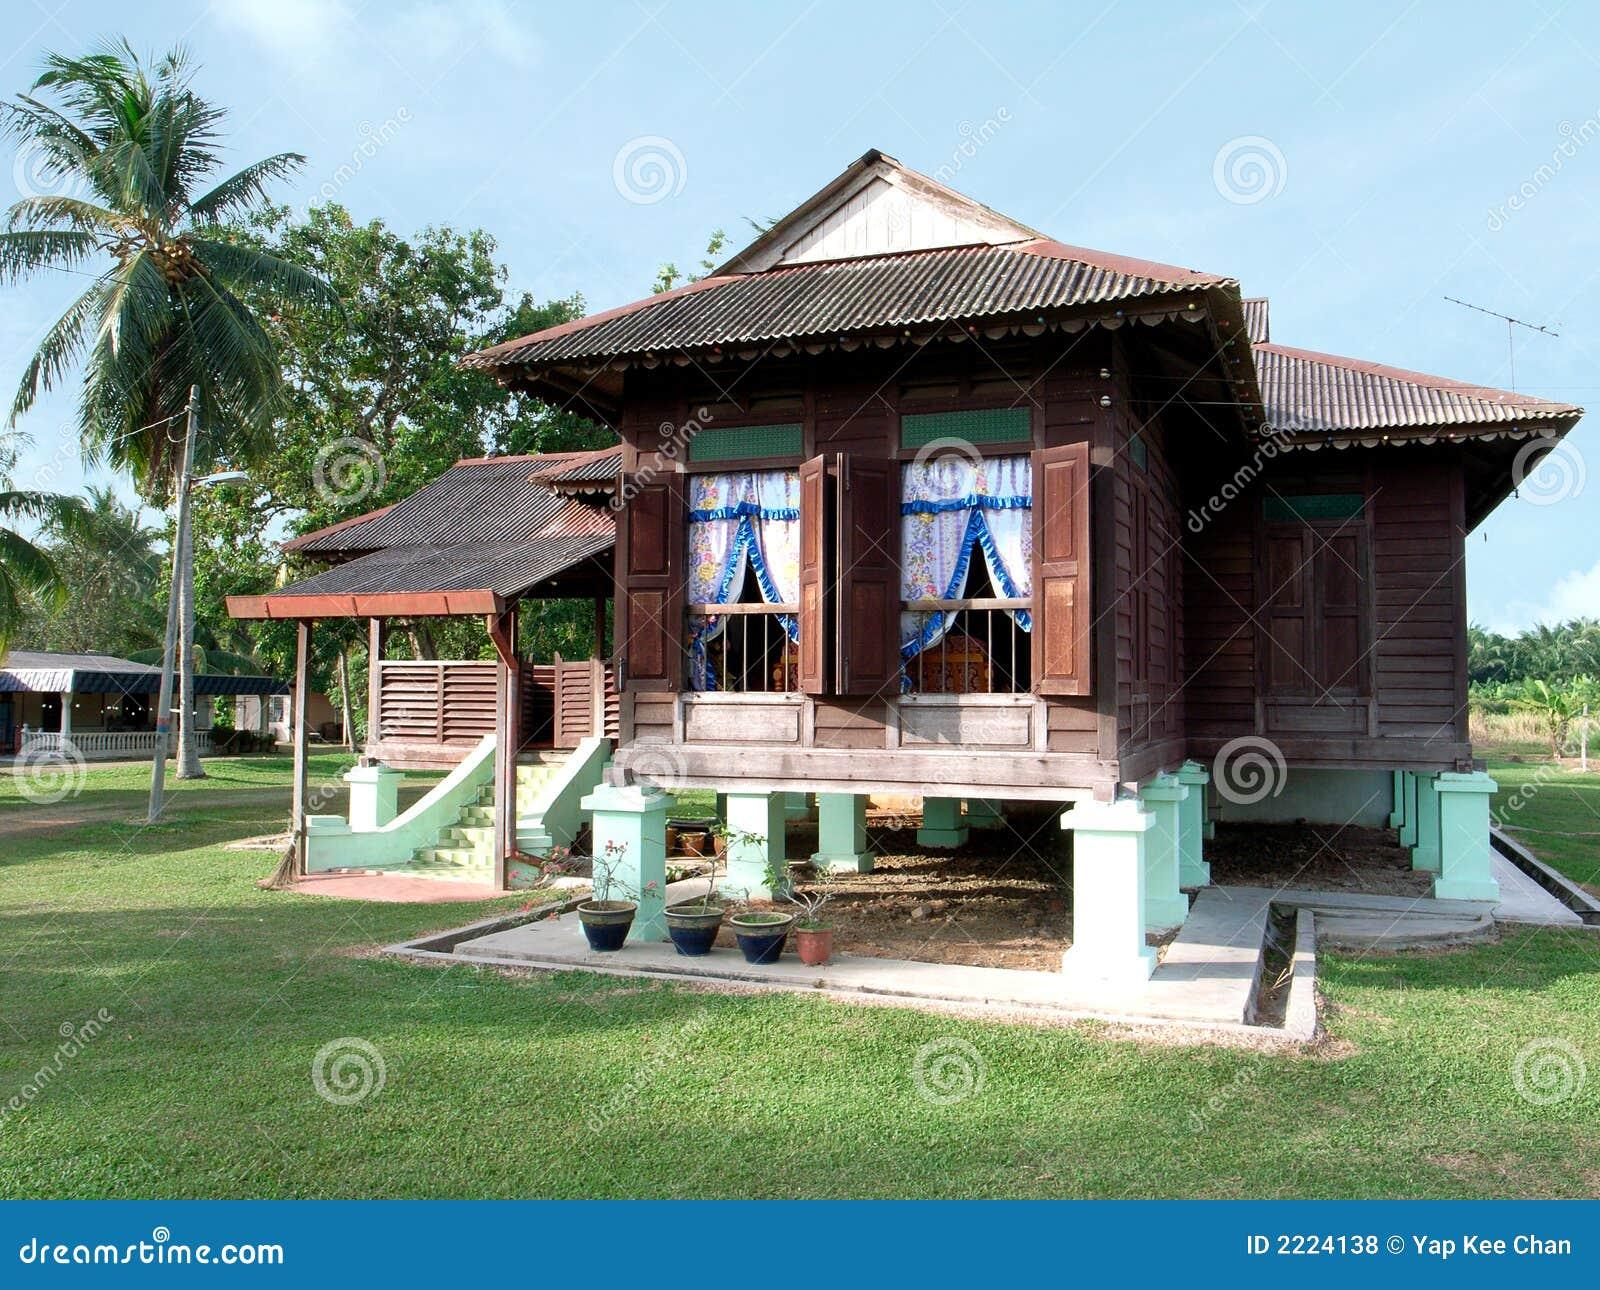 Kampung Haus